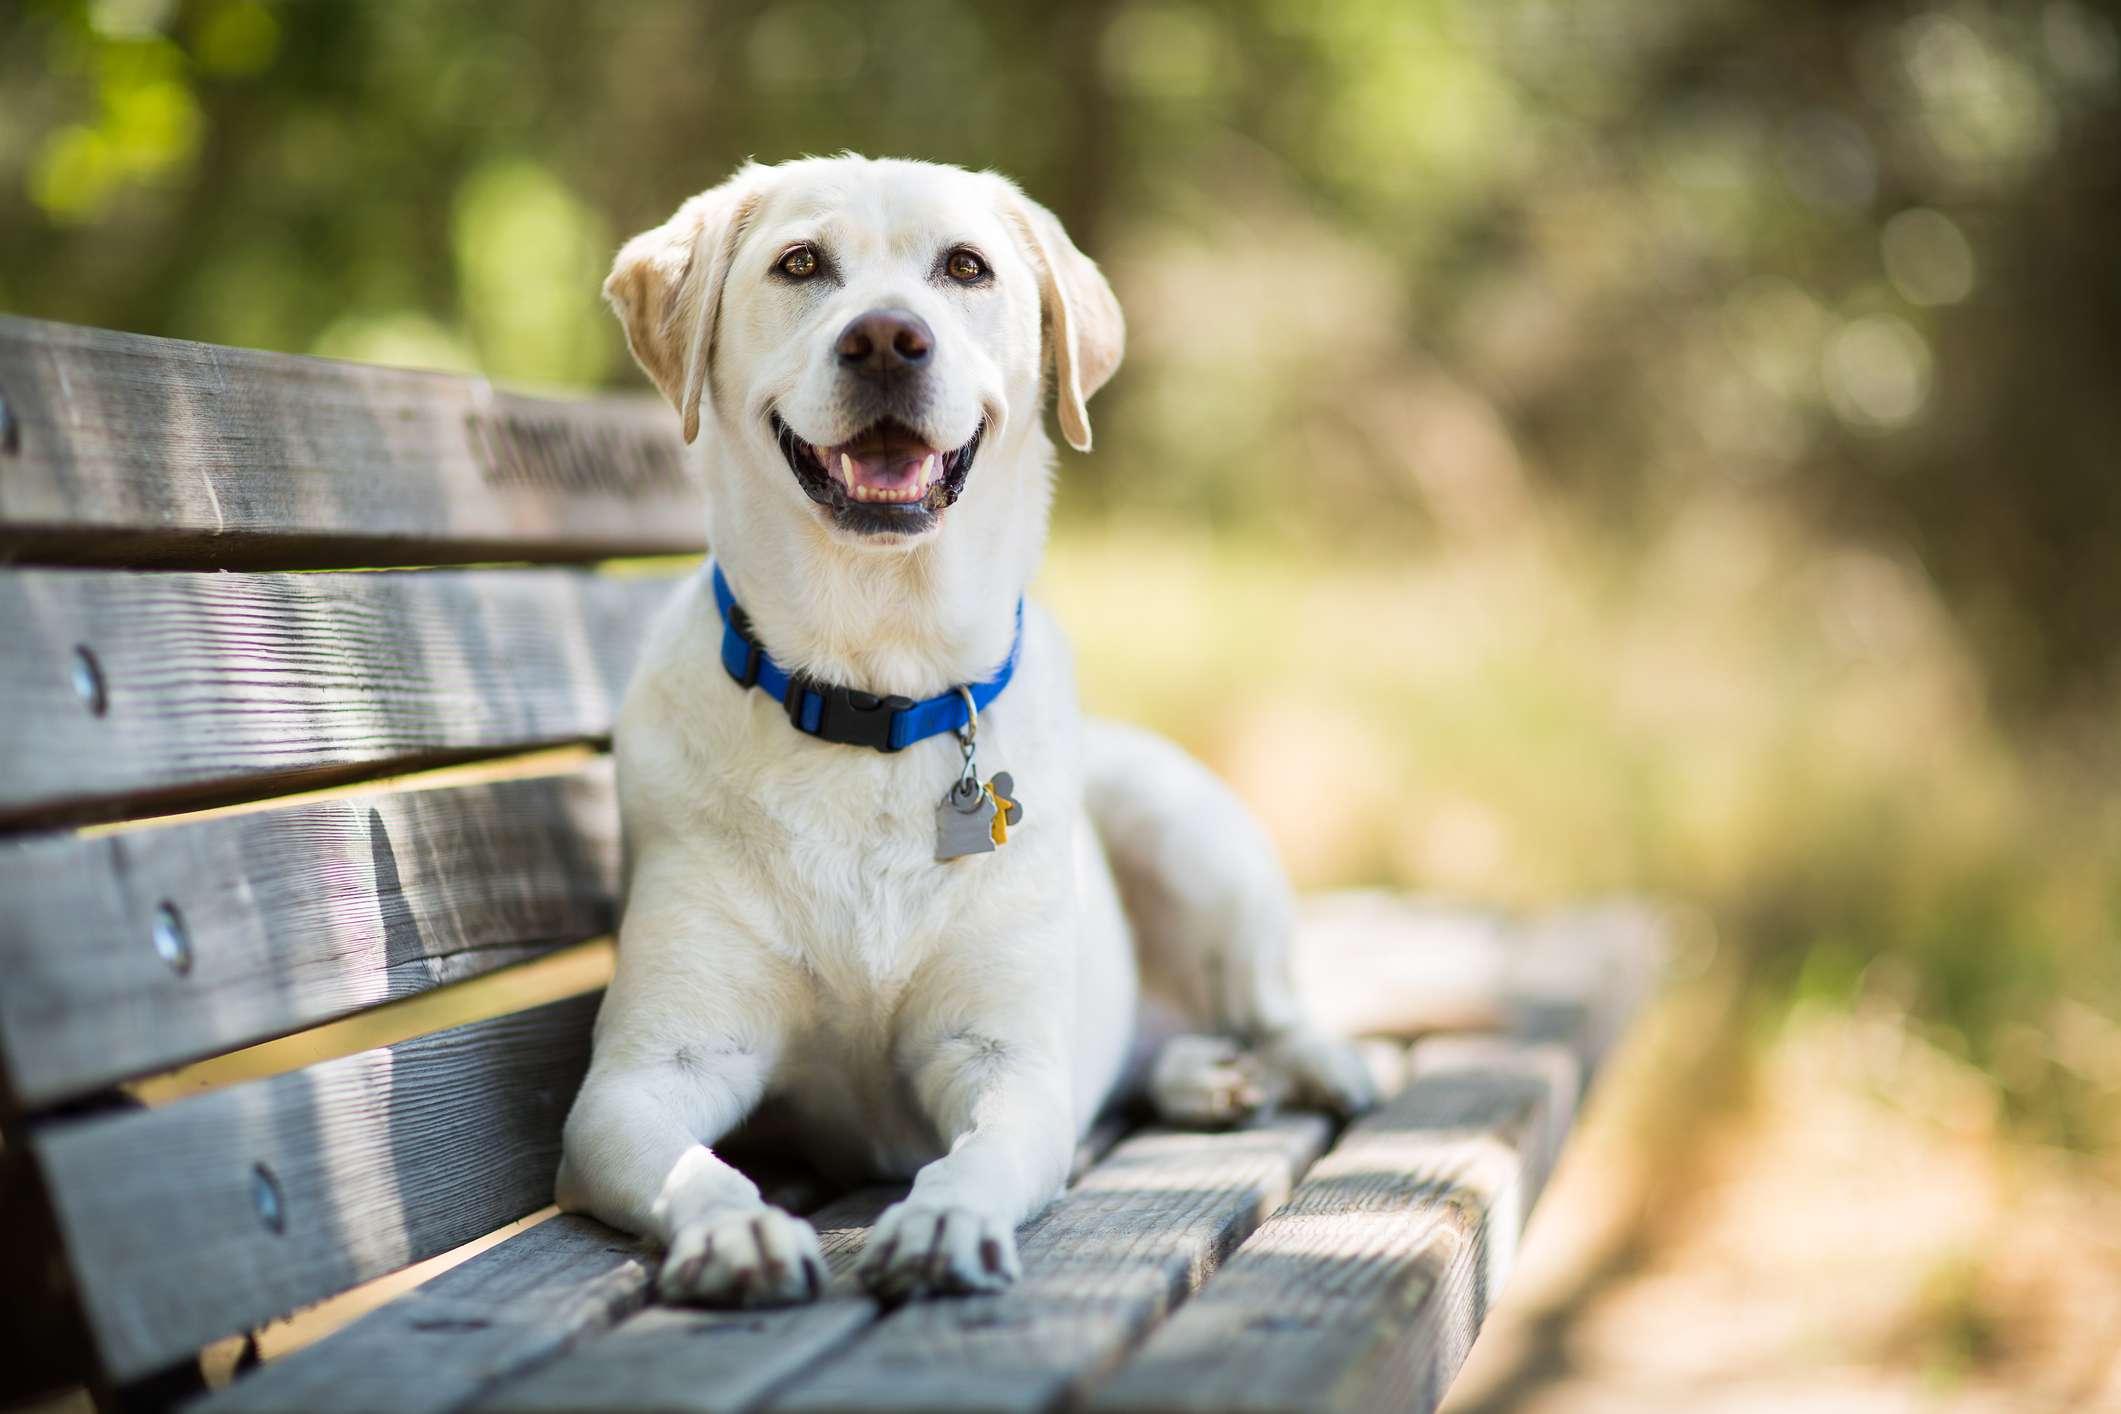 yellow labrador retriever dog smiles on bench outdoors